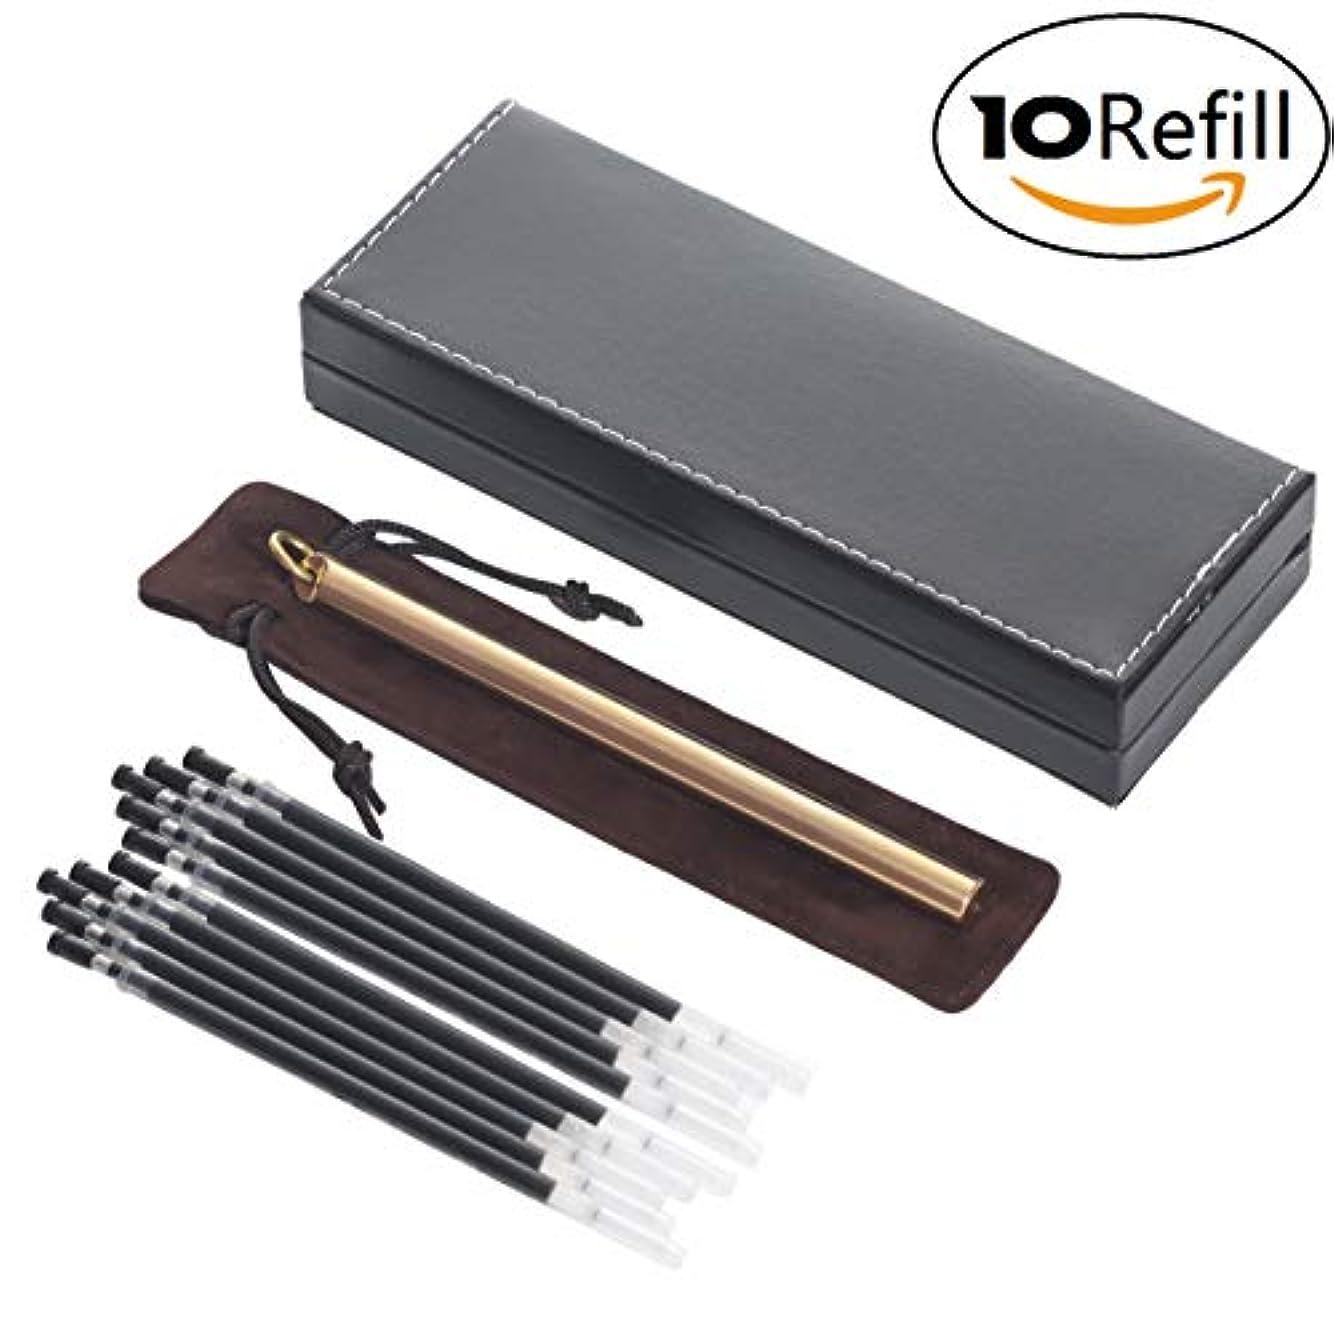 まろやかなおもちゃマットレスCklt真鍮銅リングペンContains 5 RefillハイエンドPUギフトボックスペンArtware Gelペンローラーペン